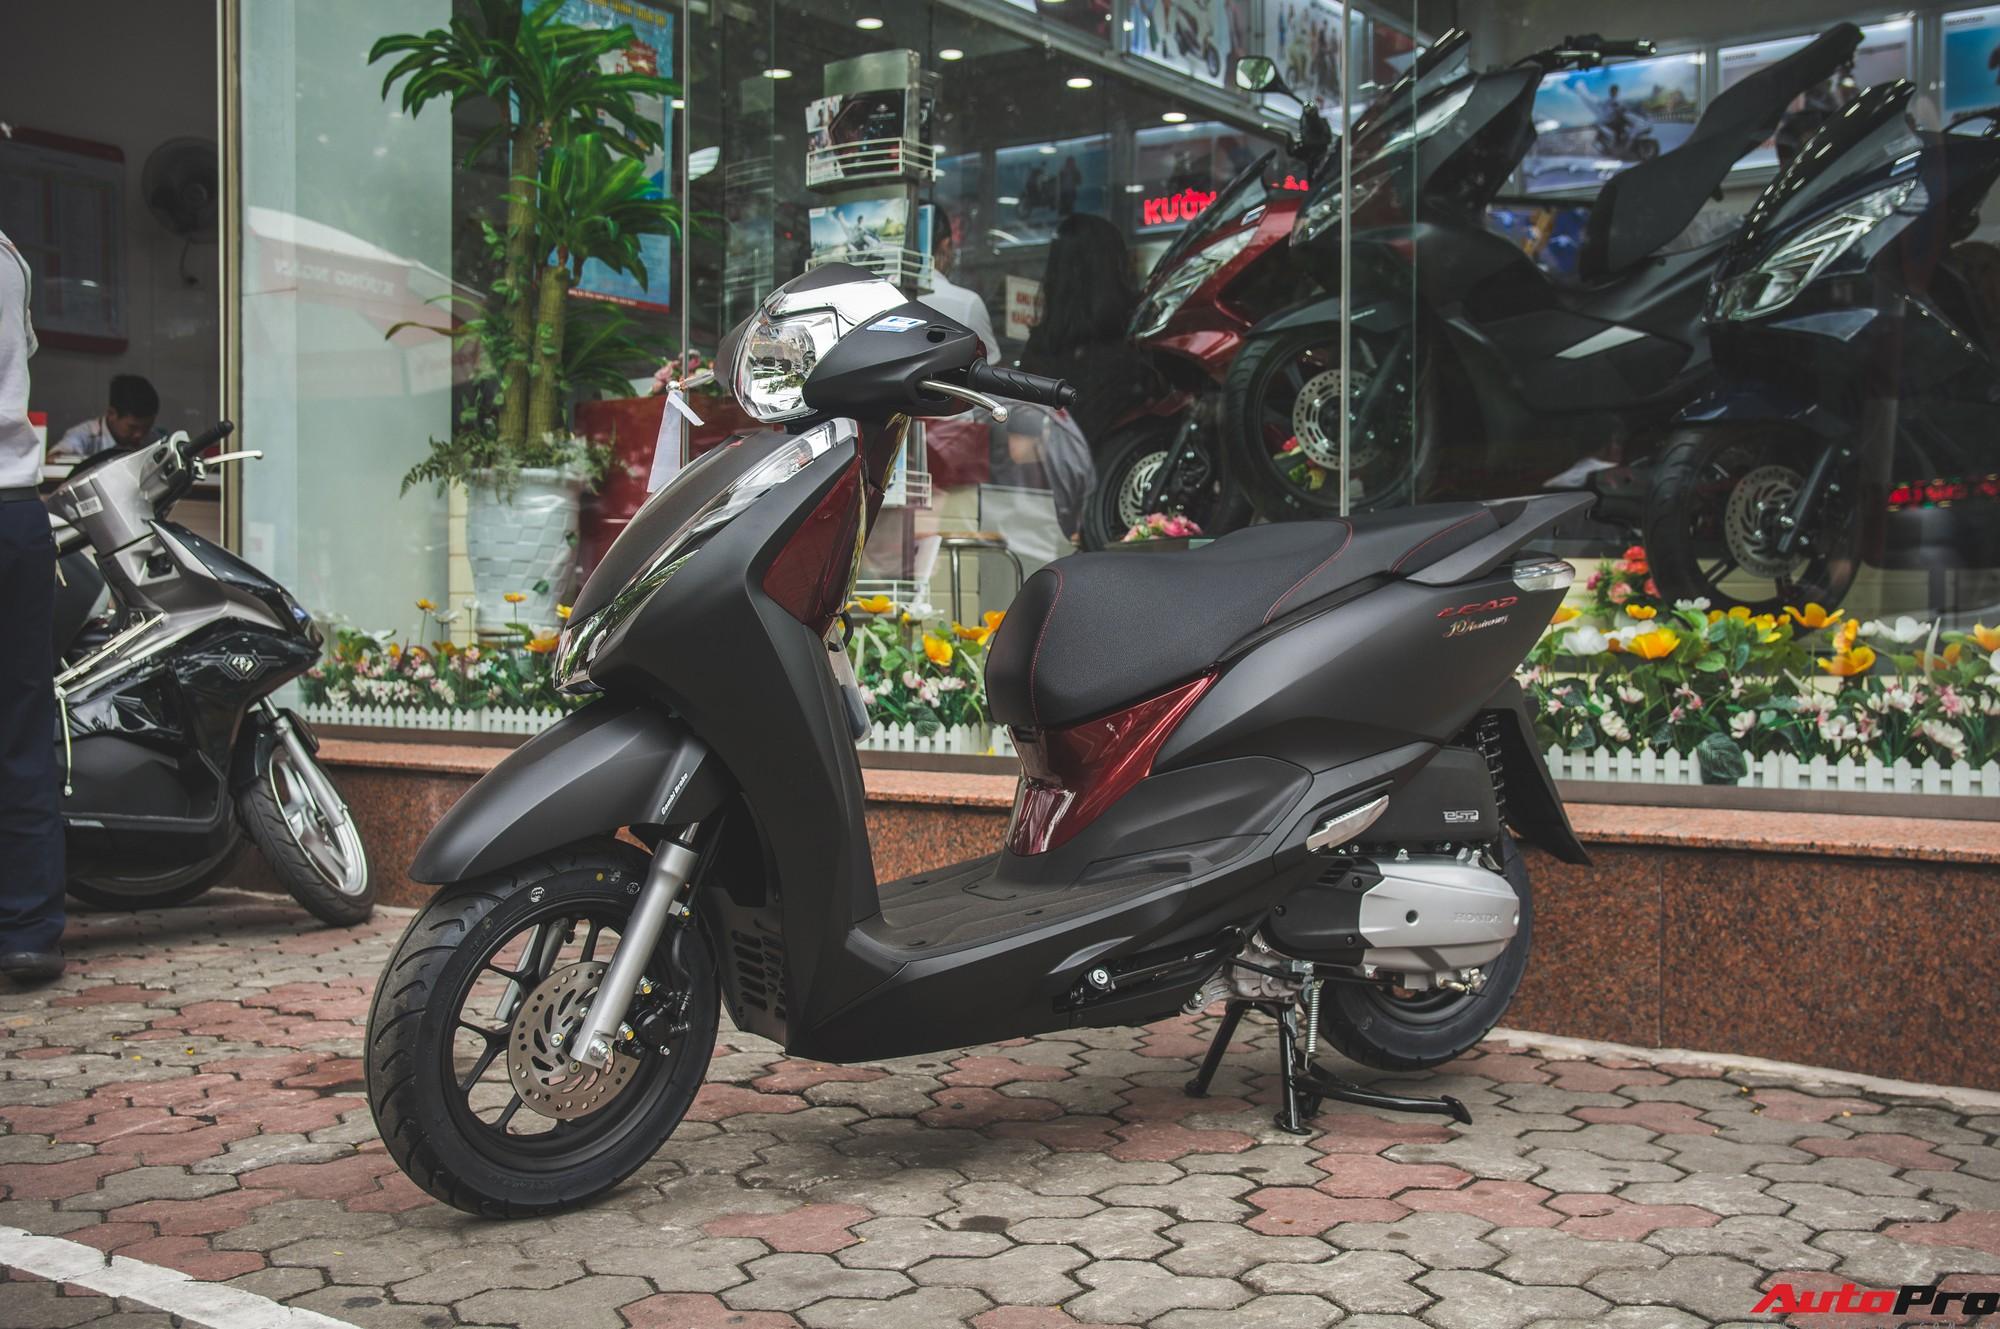 Chi tiết Honda LEAD đen mờ mới - Lựa chọn ngầu của chị em Ninja -